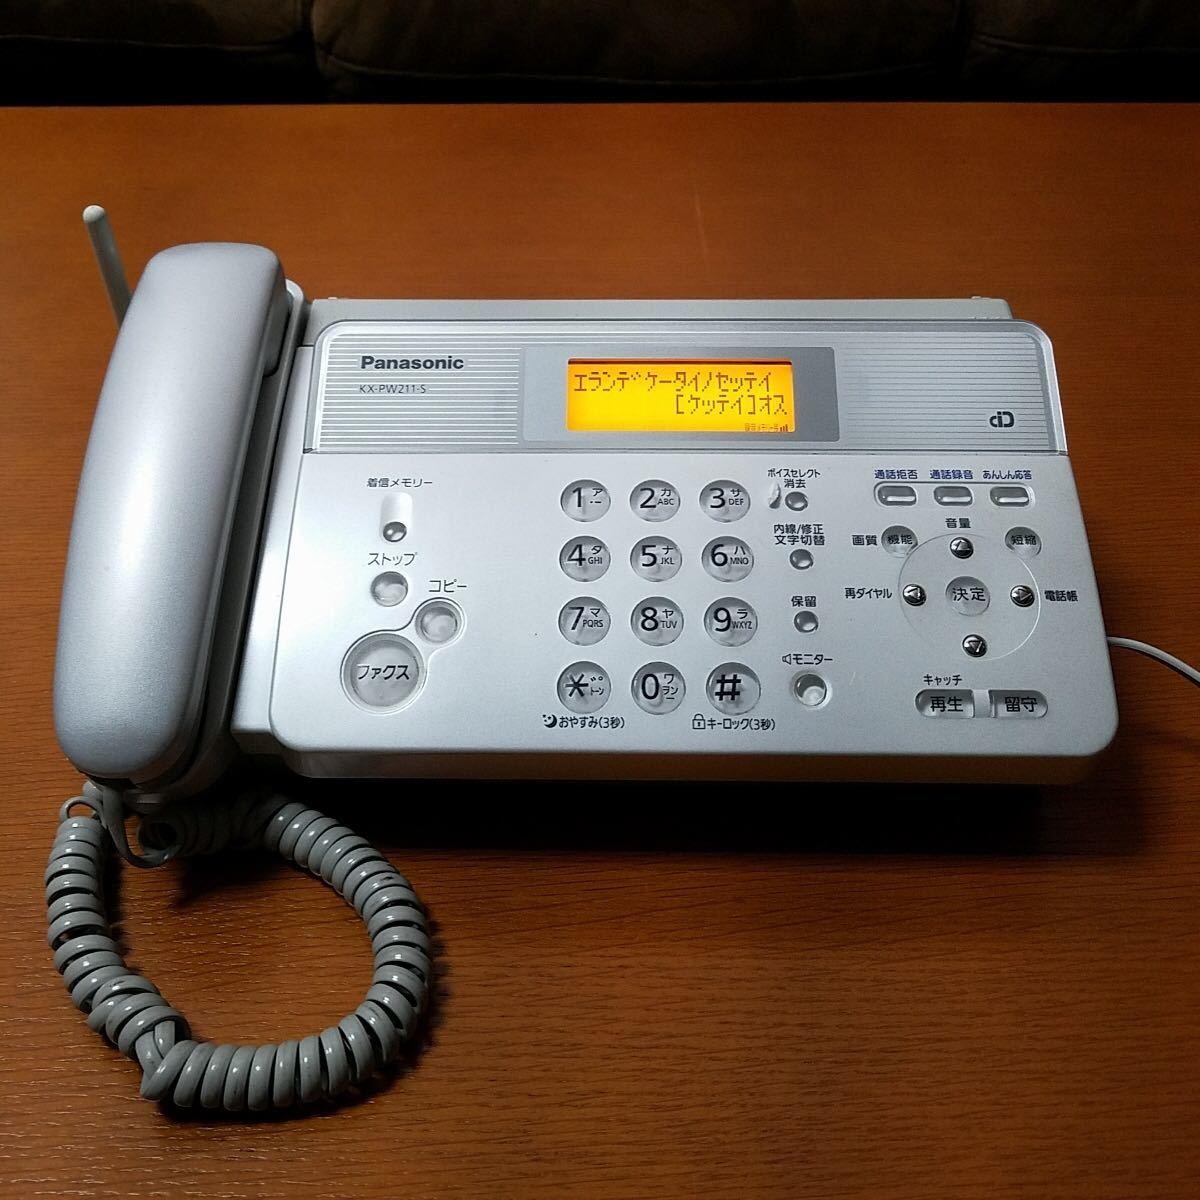 元箱入り 美品 Panasonic KX-PW211DL-S パナソニック パーソナルファックス おたっくす 電話機 親機_画像2